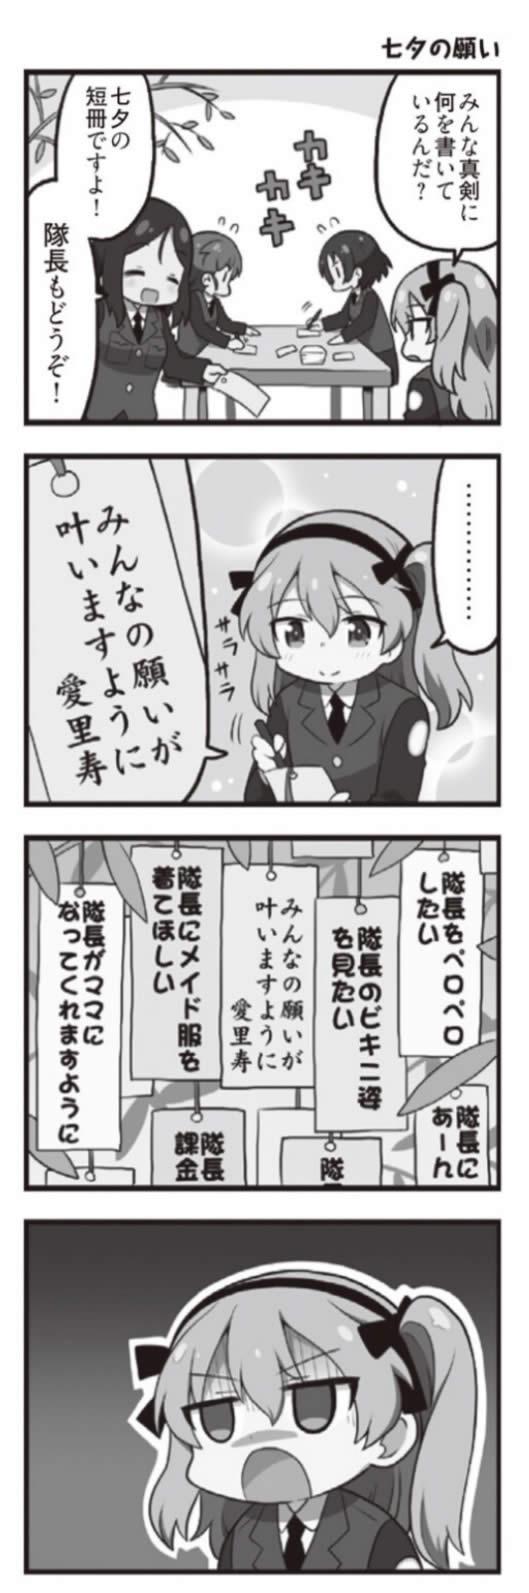 ガールズ&パンツァー 島田愛里寿 ミミミ 七夕 漫画